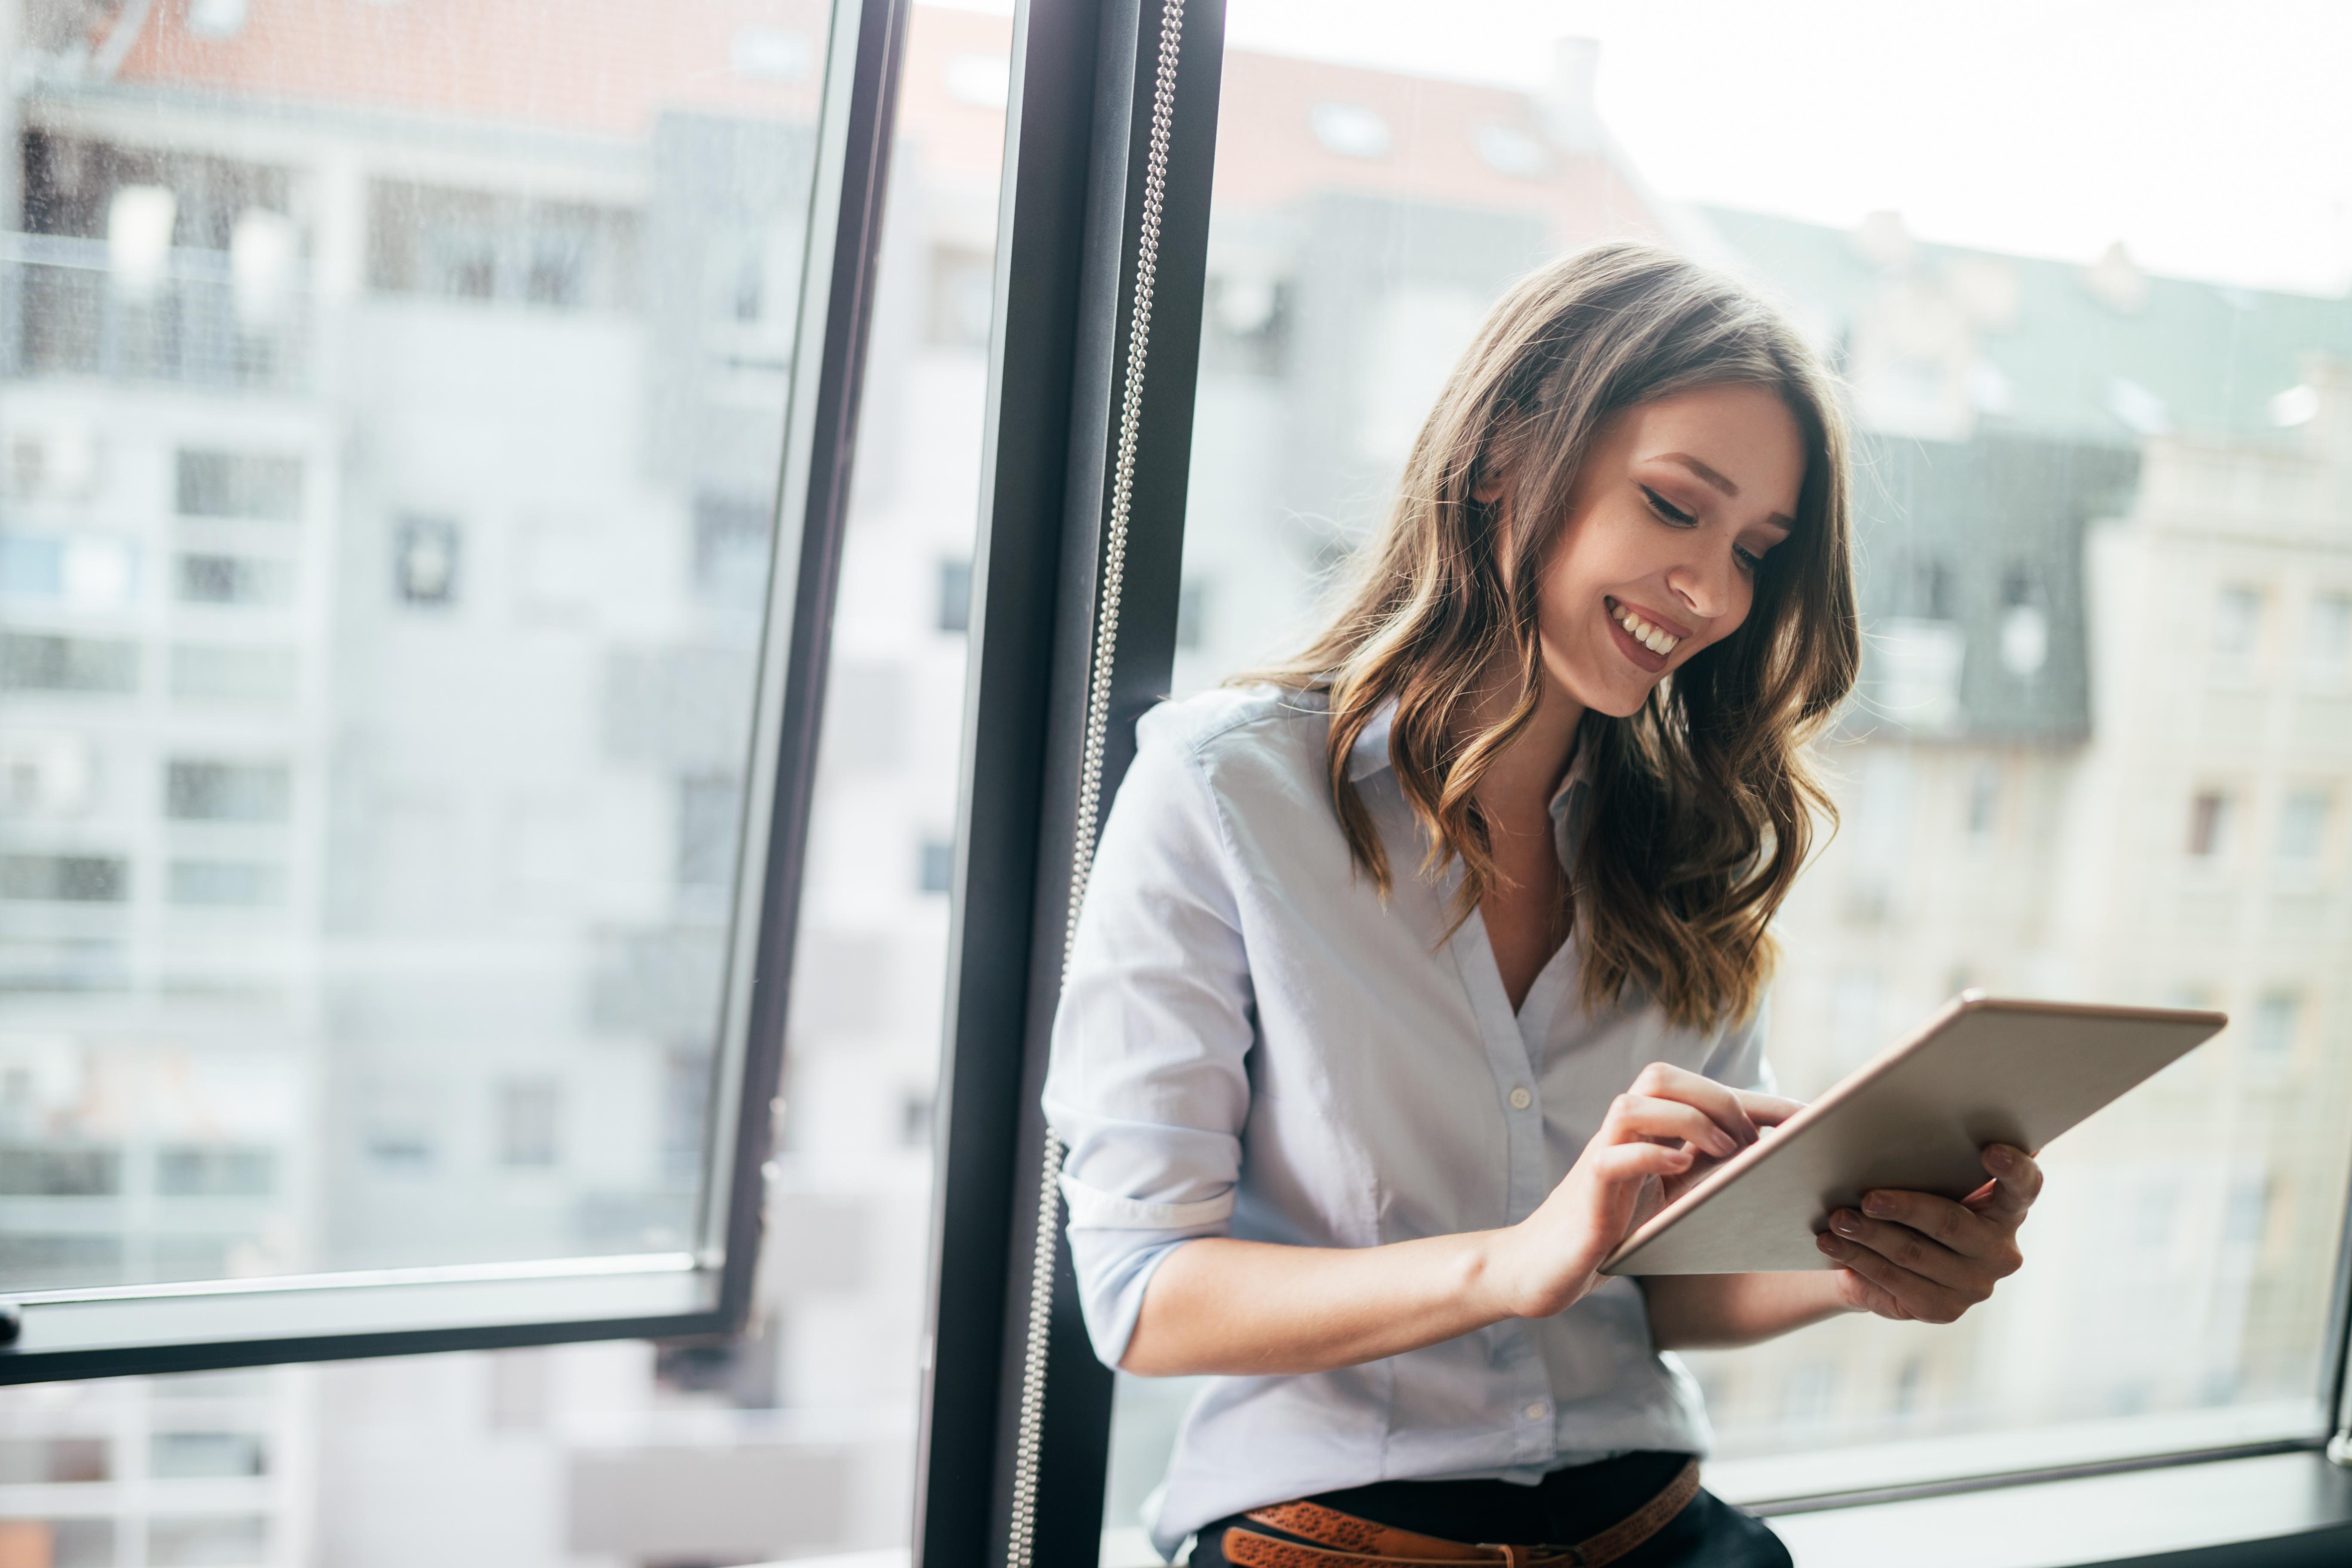 Junge Frau erlebt eine Learning Experience Plattform